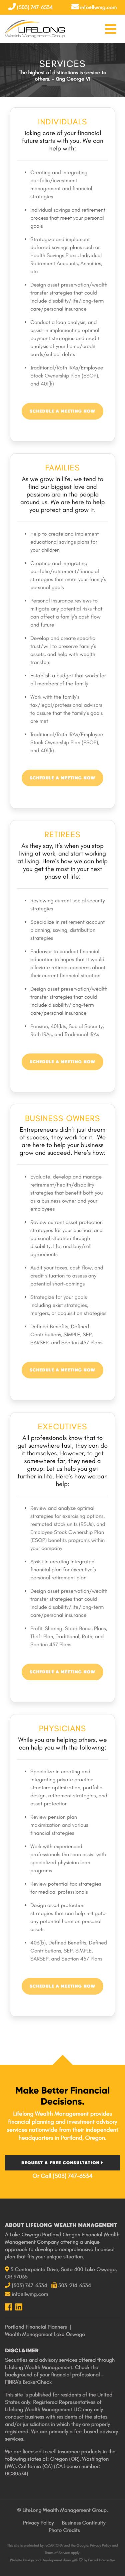 Lifelong Wealth Management Group Website Mobile Mockup 2